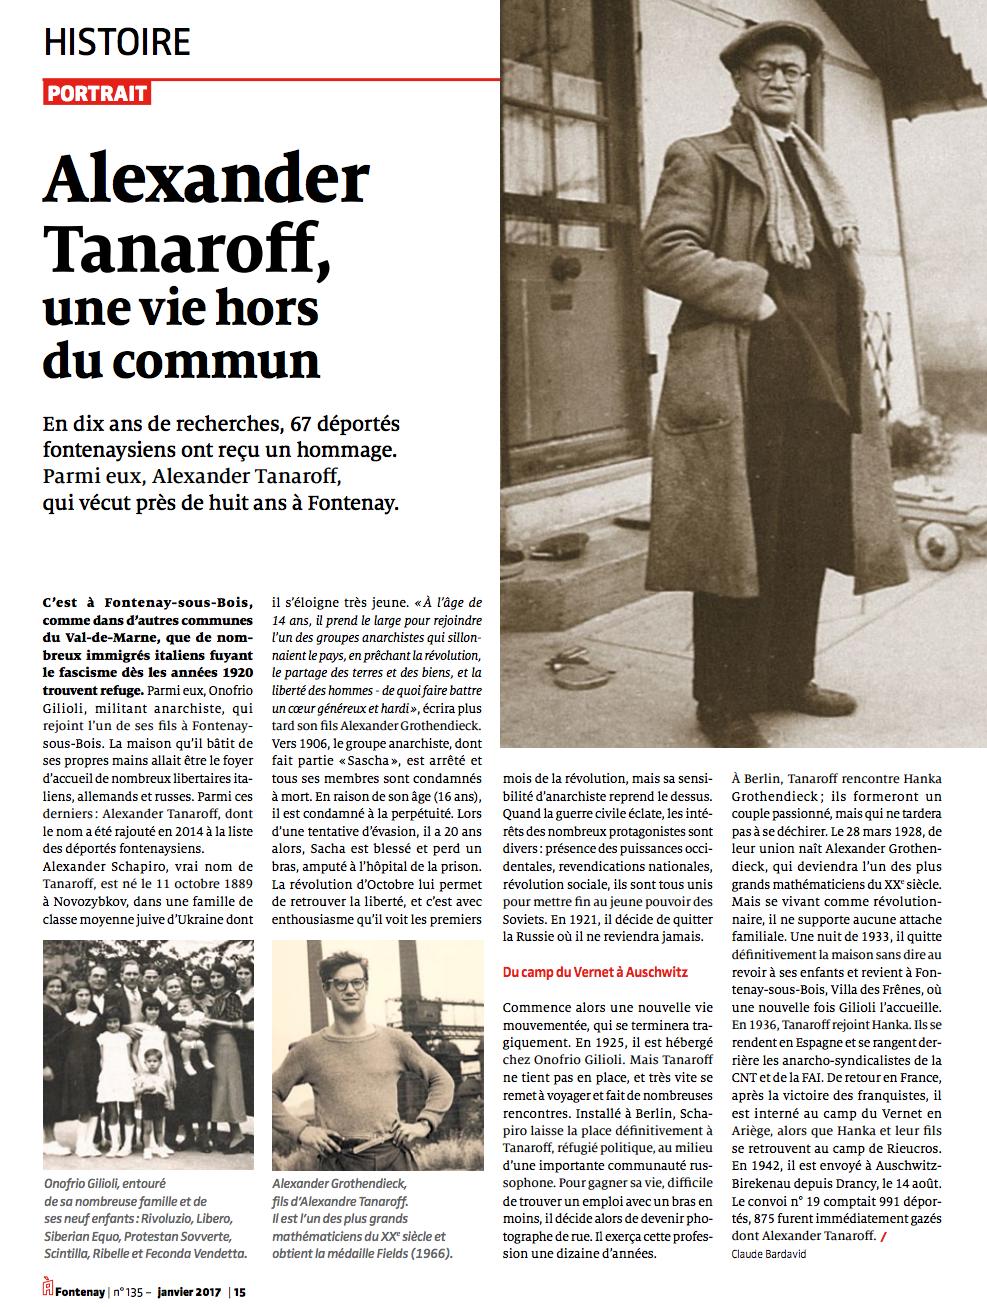 Alexandre Tanaroff anarchiste réfugié à Fontenay-sous-Bois.